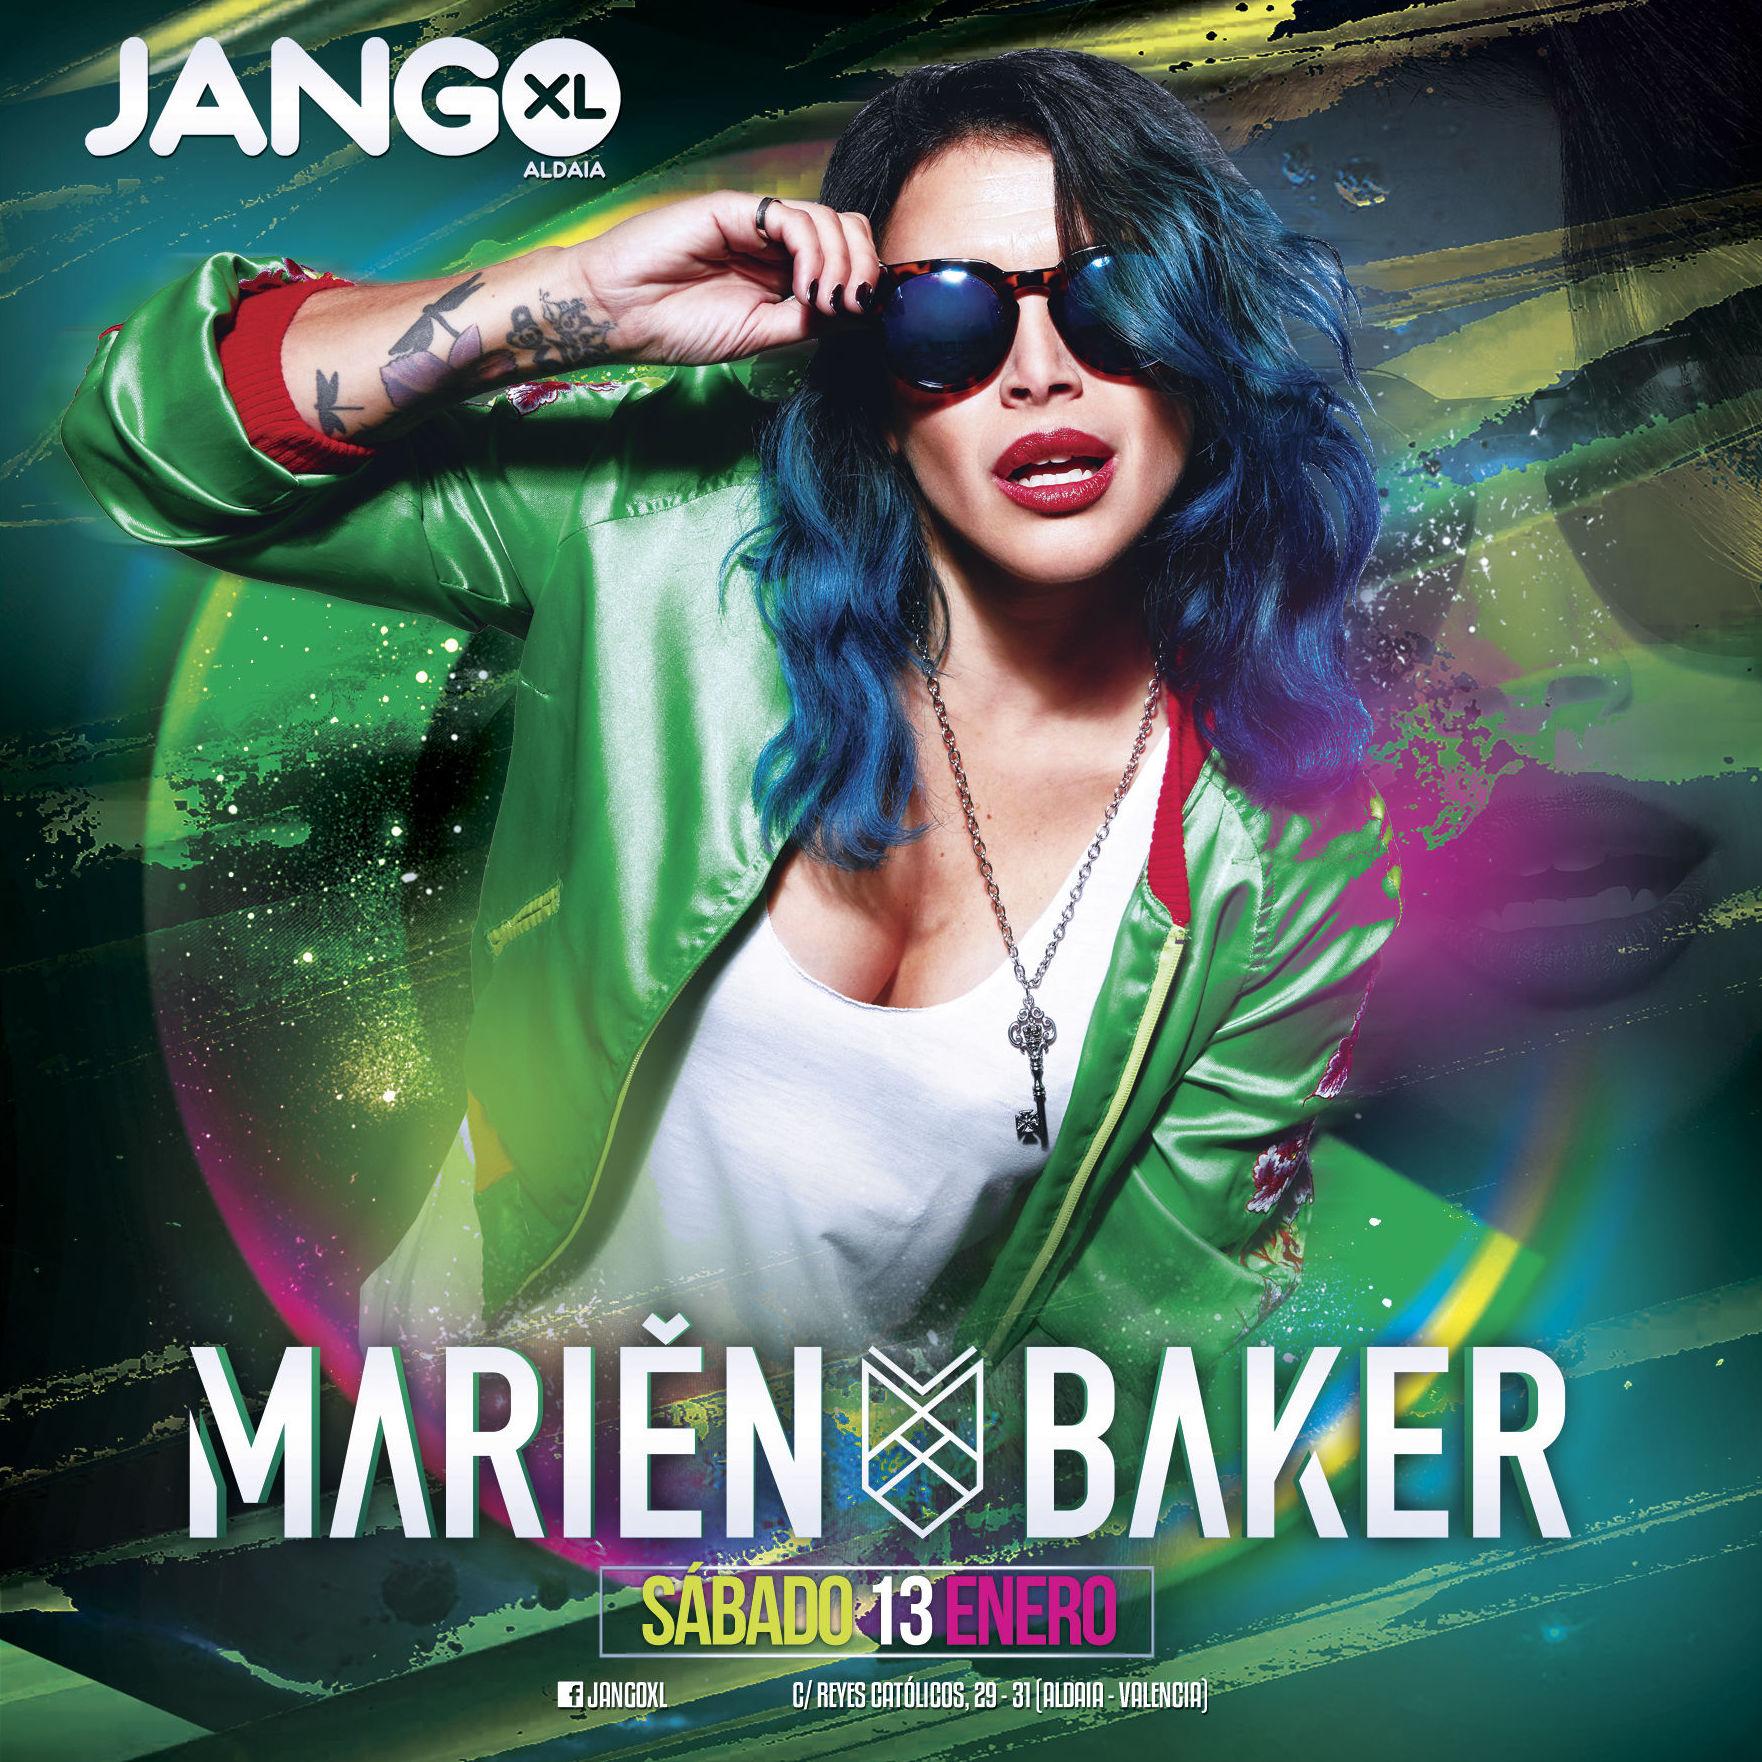 Marien Baker en Jango XL sábado 13 de enero